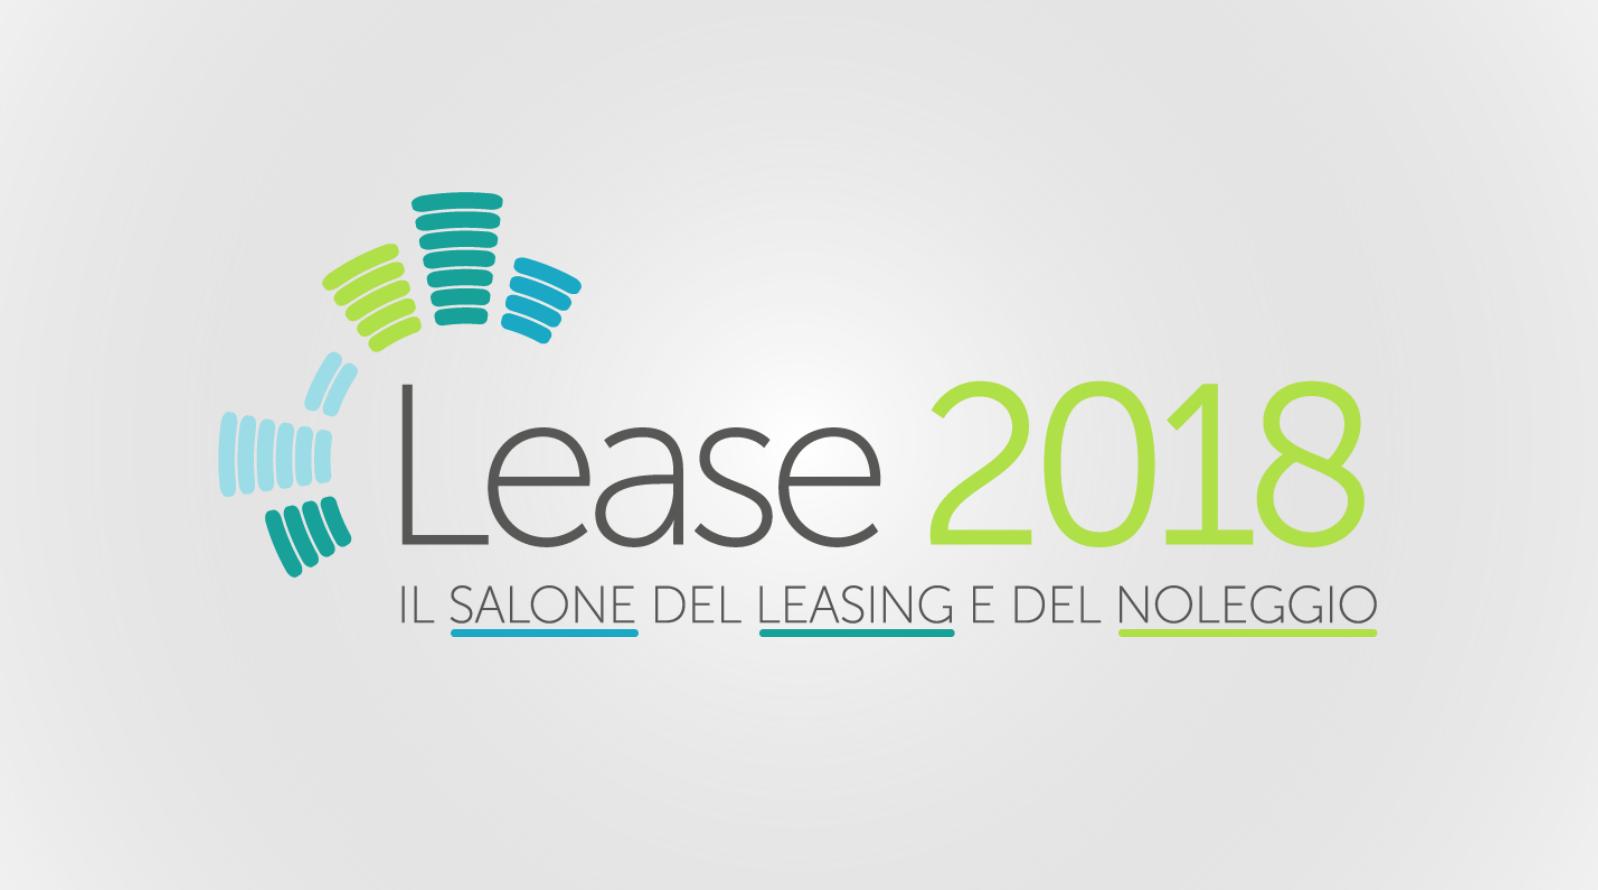 lease 2018 arriva a milano il primo salone del leasing e. Black Bedroom Furniture Sets. Home Design Ideas